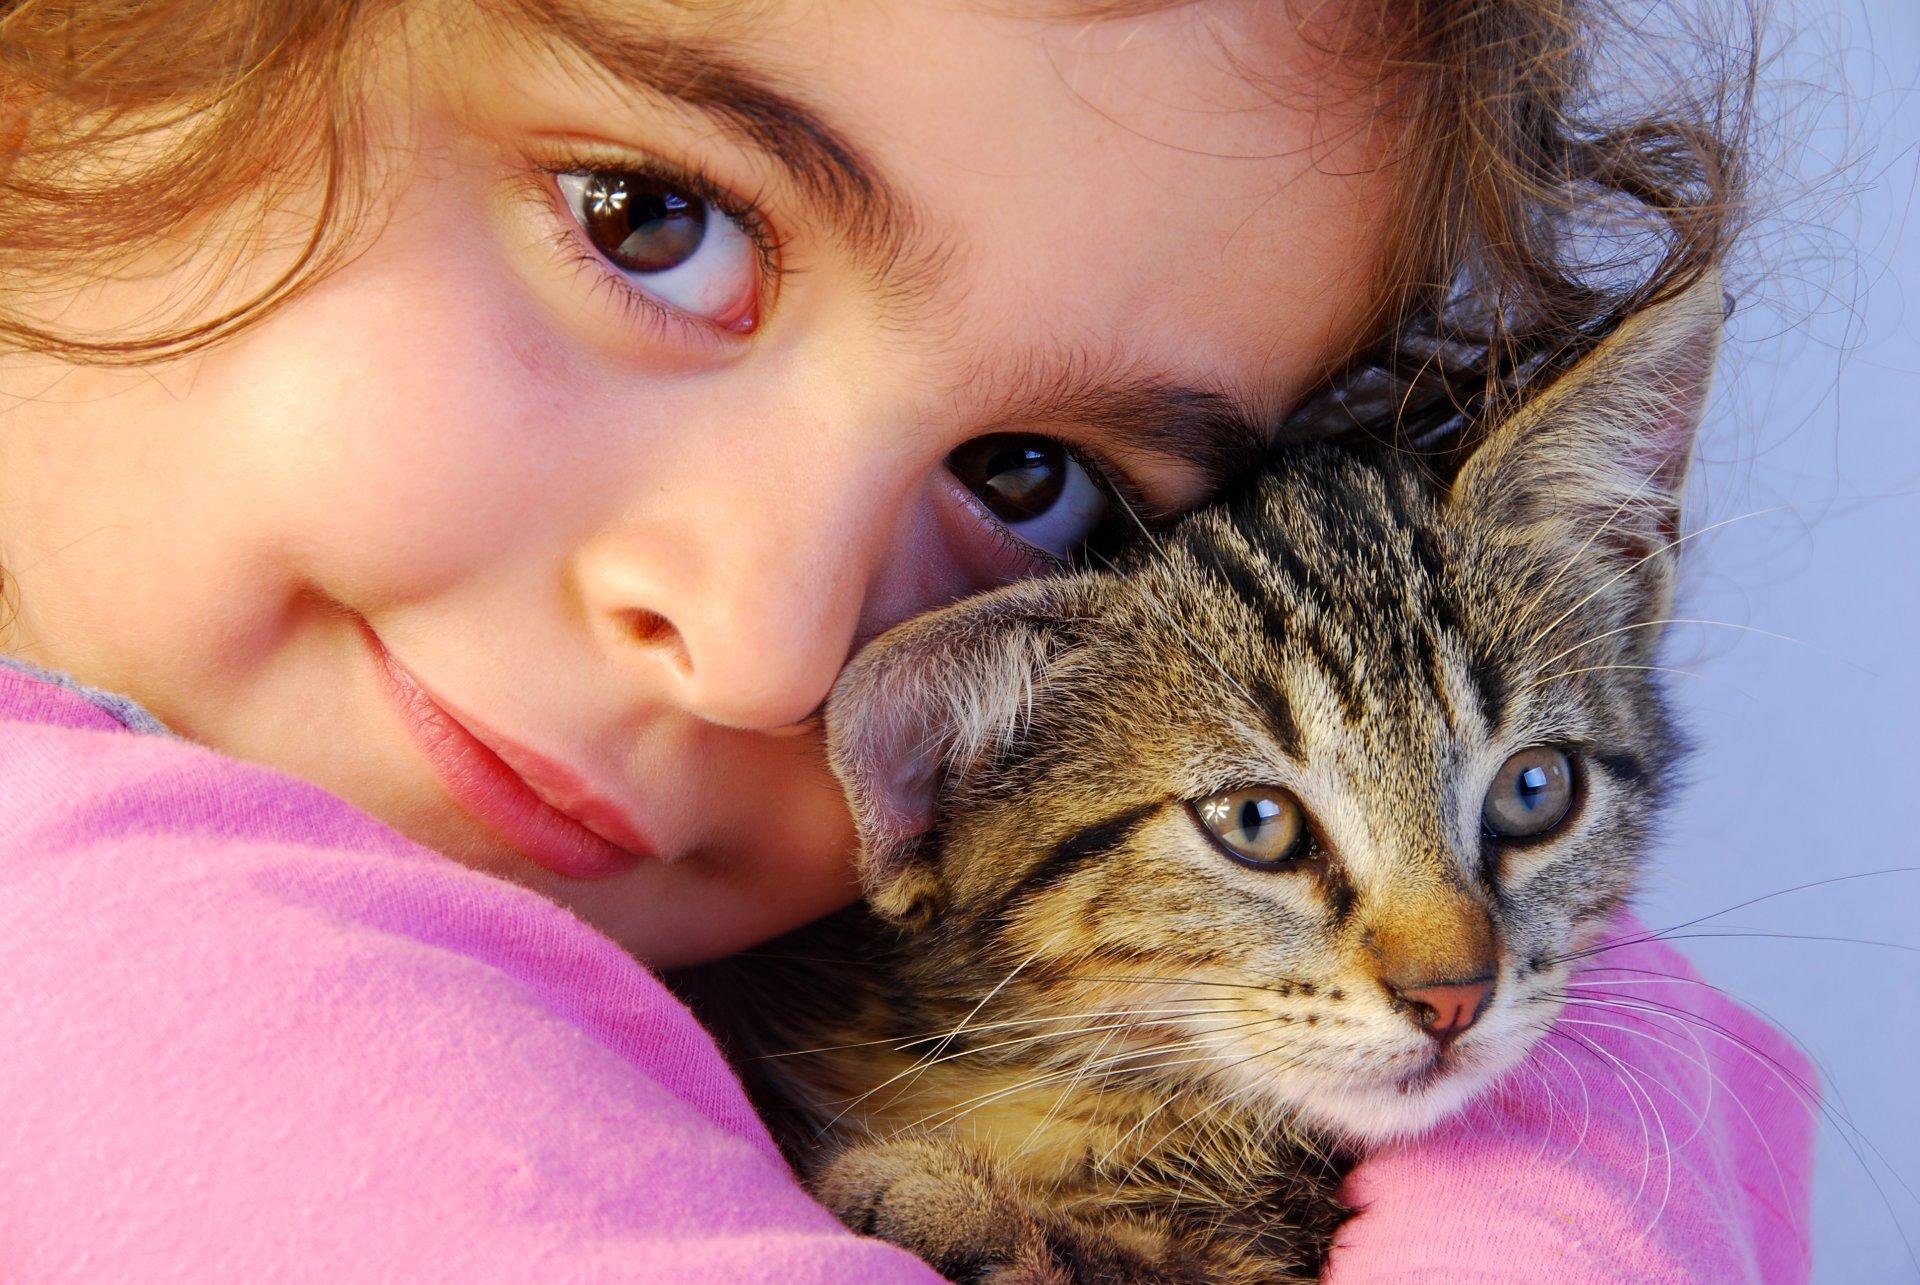 Фотогалерея - Кошки и дети - Забавные фото кошек - CATS -галерея 43